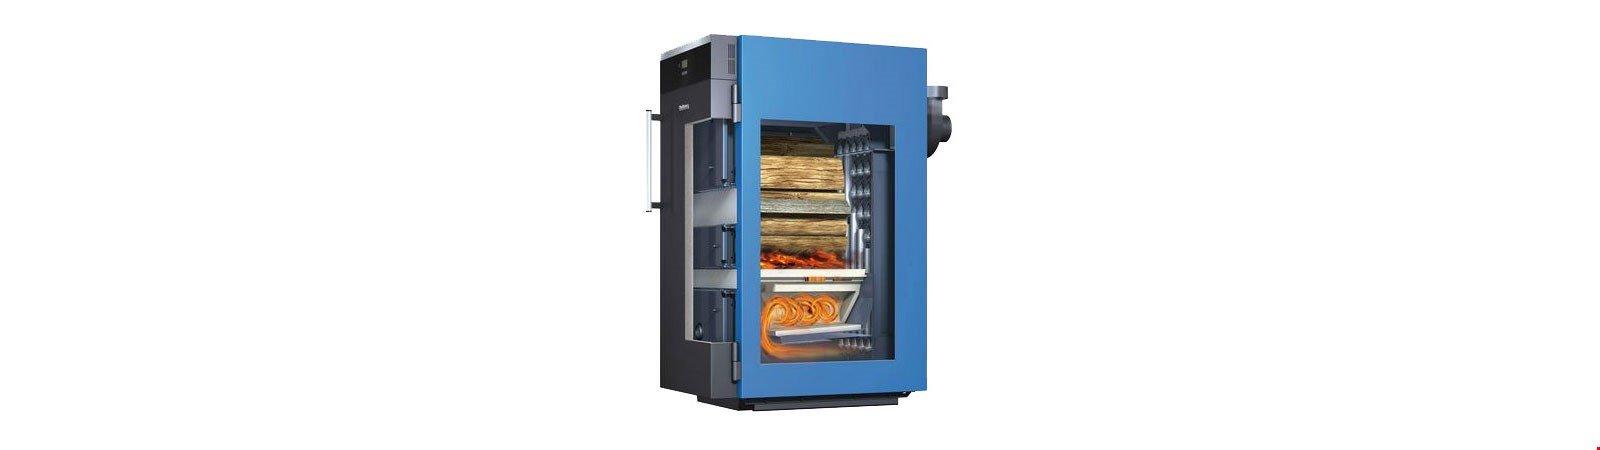 Holzvergaser: Die kostengünstige Biomasse-Heizung